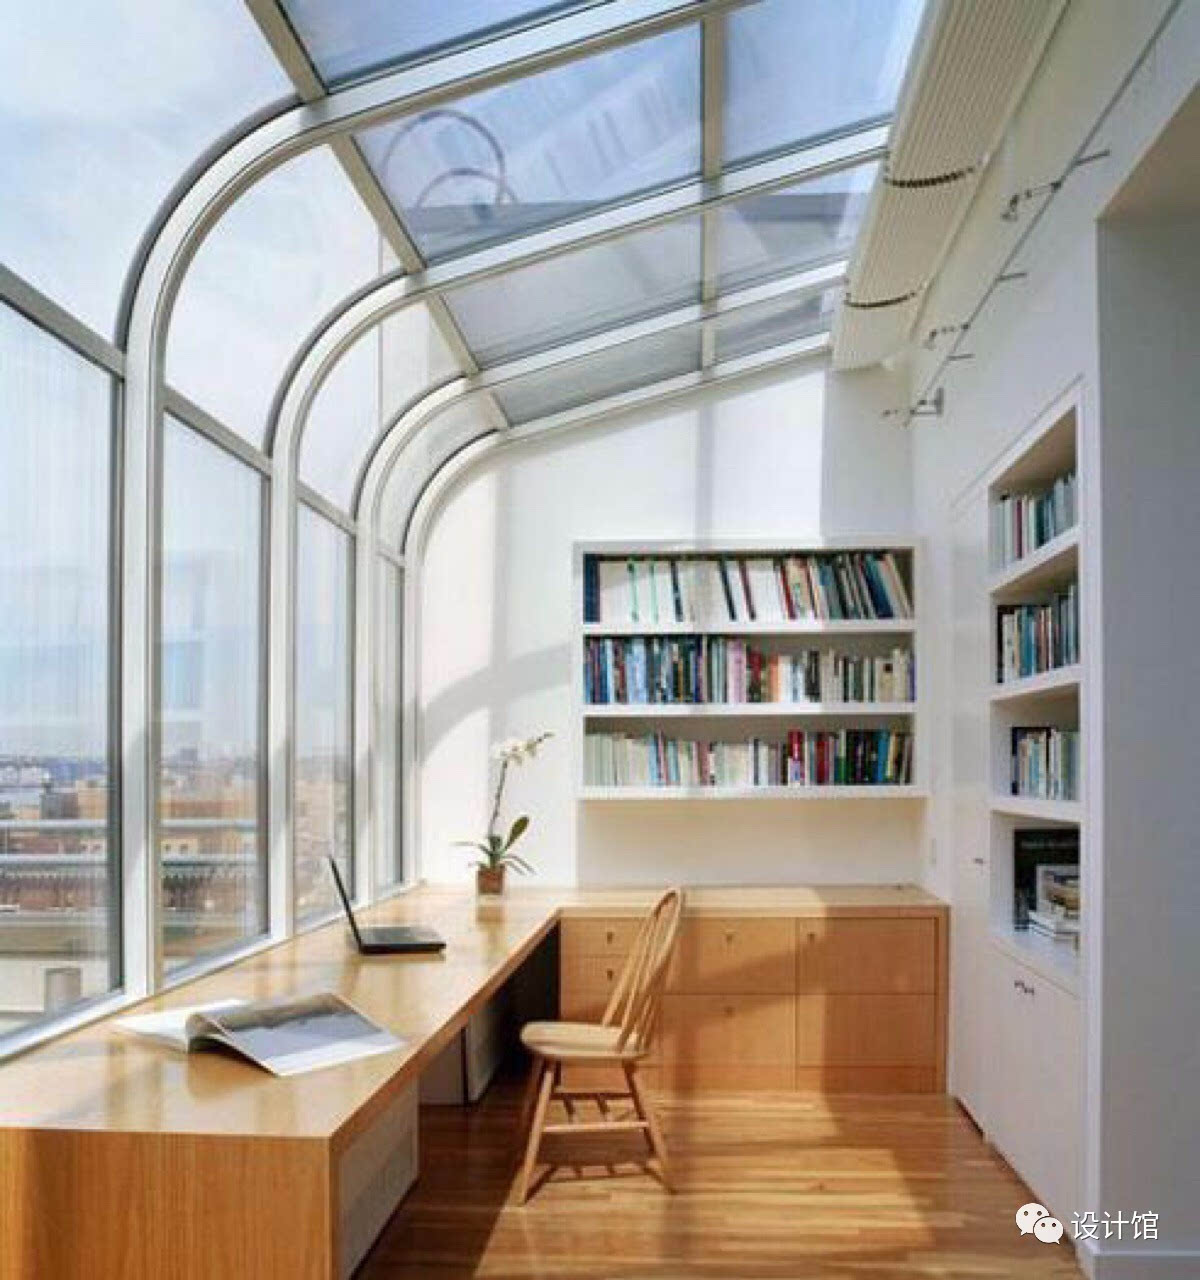 阳台不晒衣服 改造成榻榻米书房,可实用了